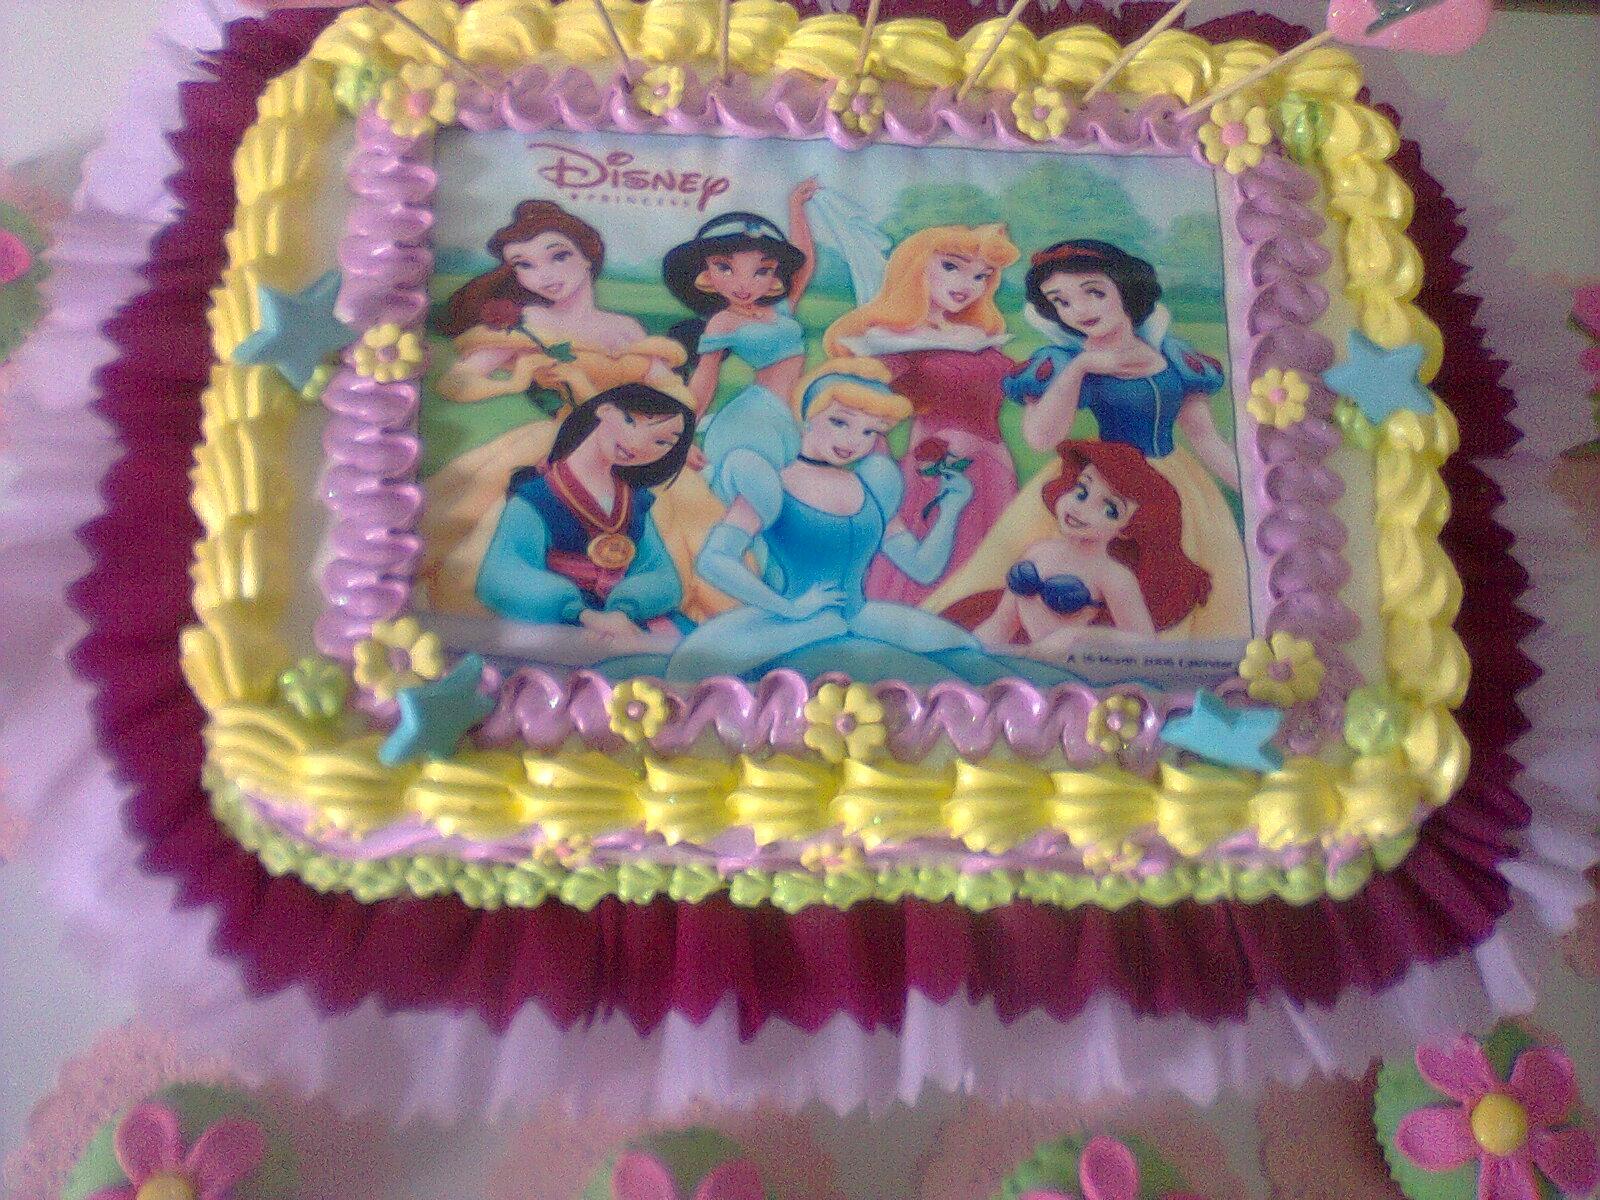 Tortas decorada de princesa - Imagui